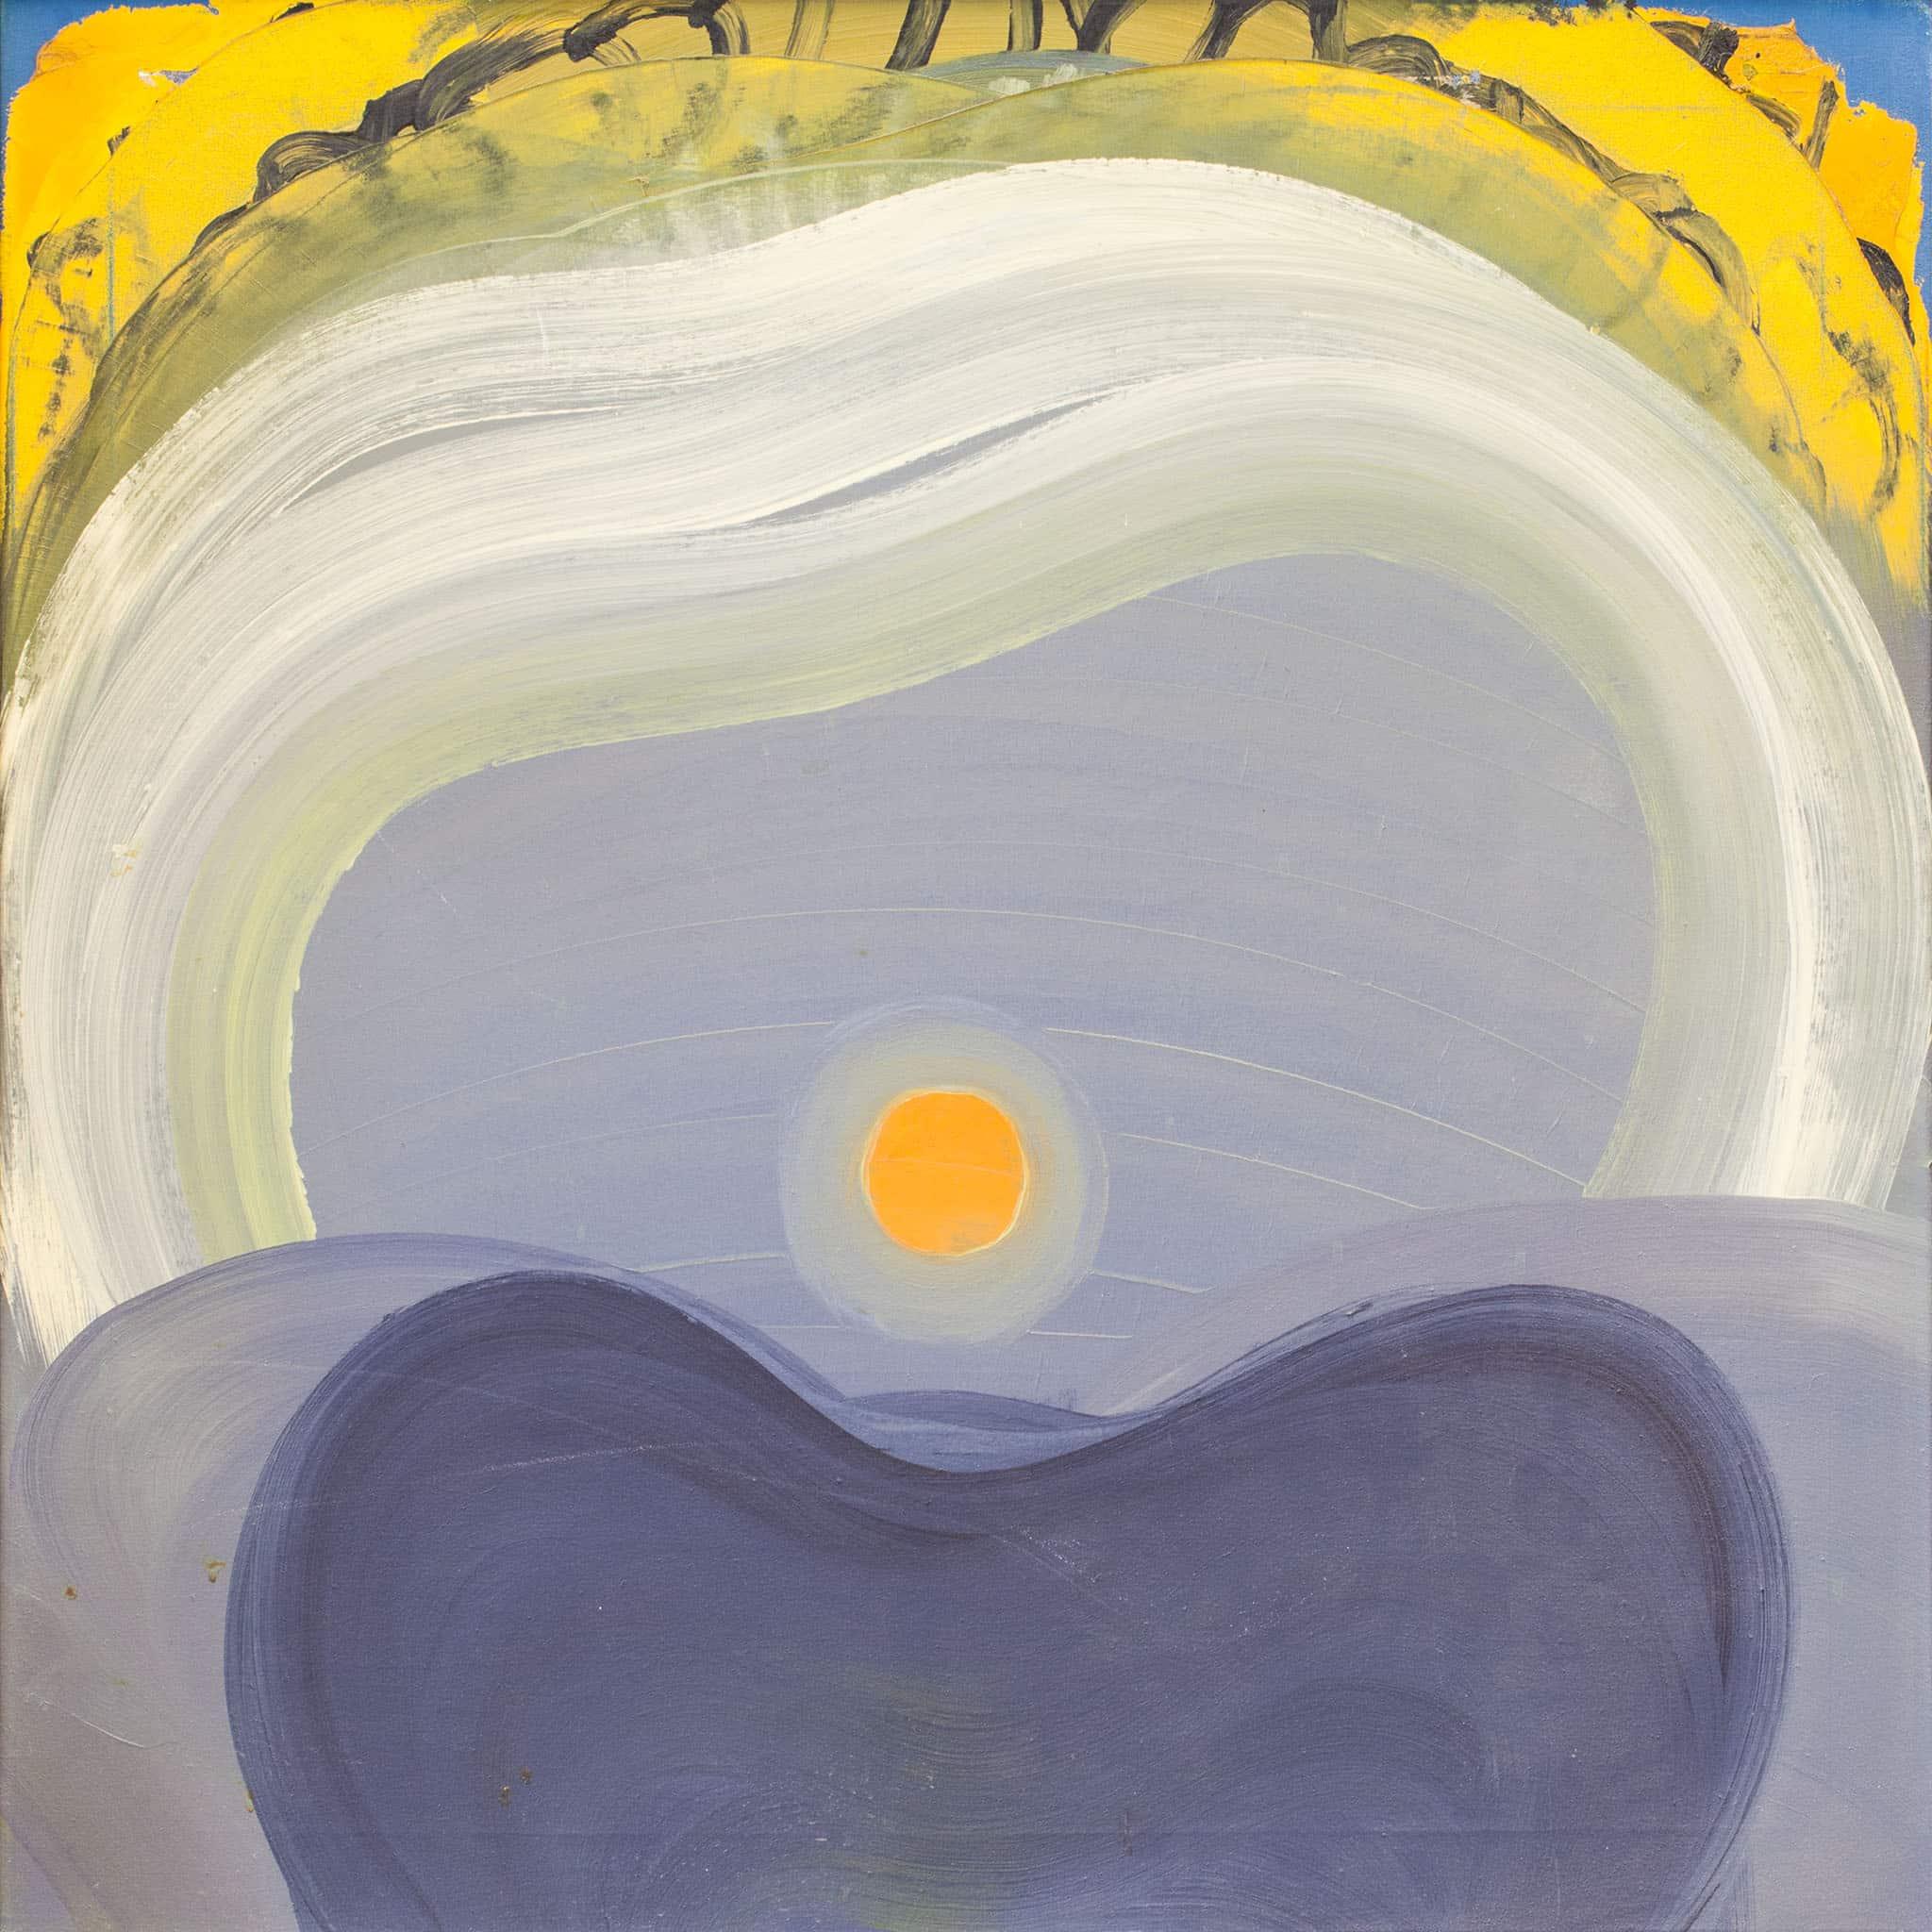 """לארי אברמסון, """"אמפרסיון דה סוליי 1"""", 1987, שמן על בד, 75x75 ס""""מ"""